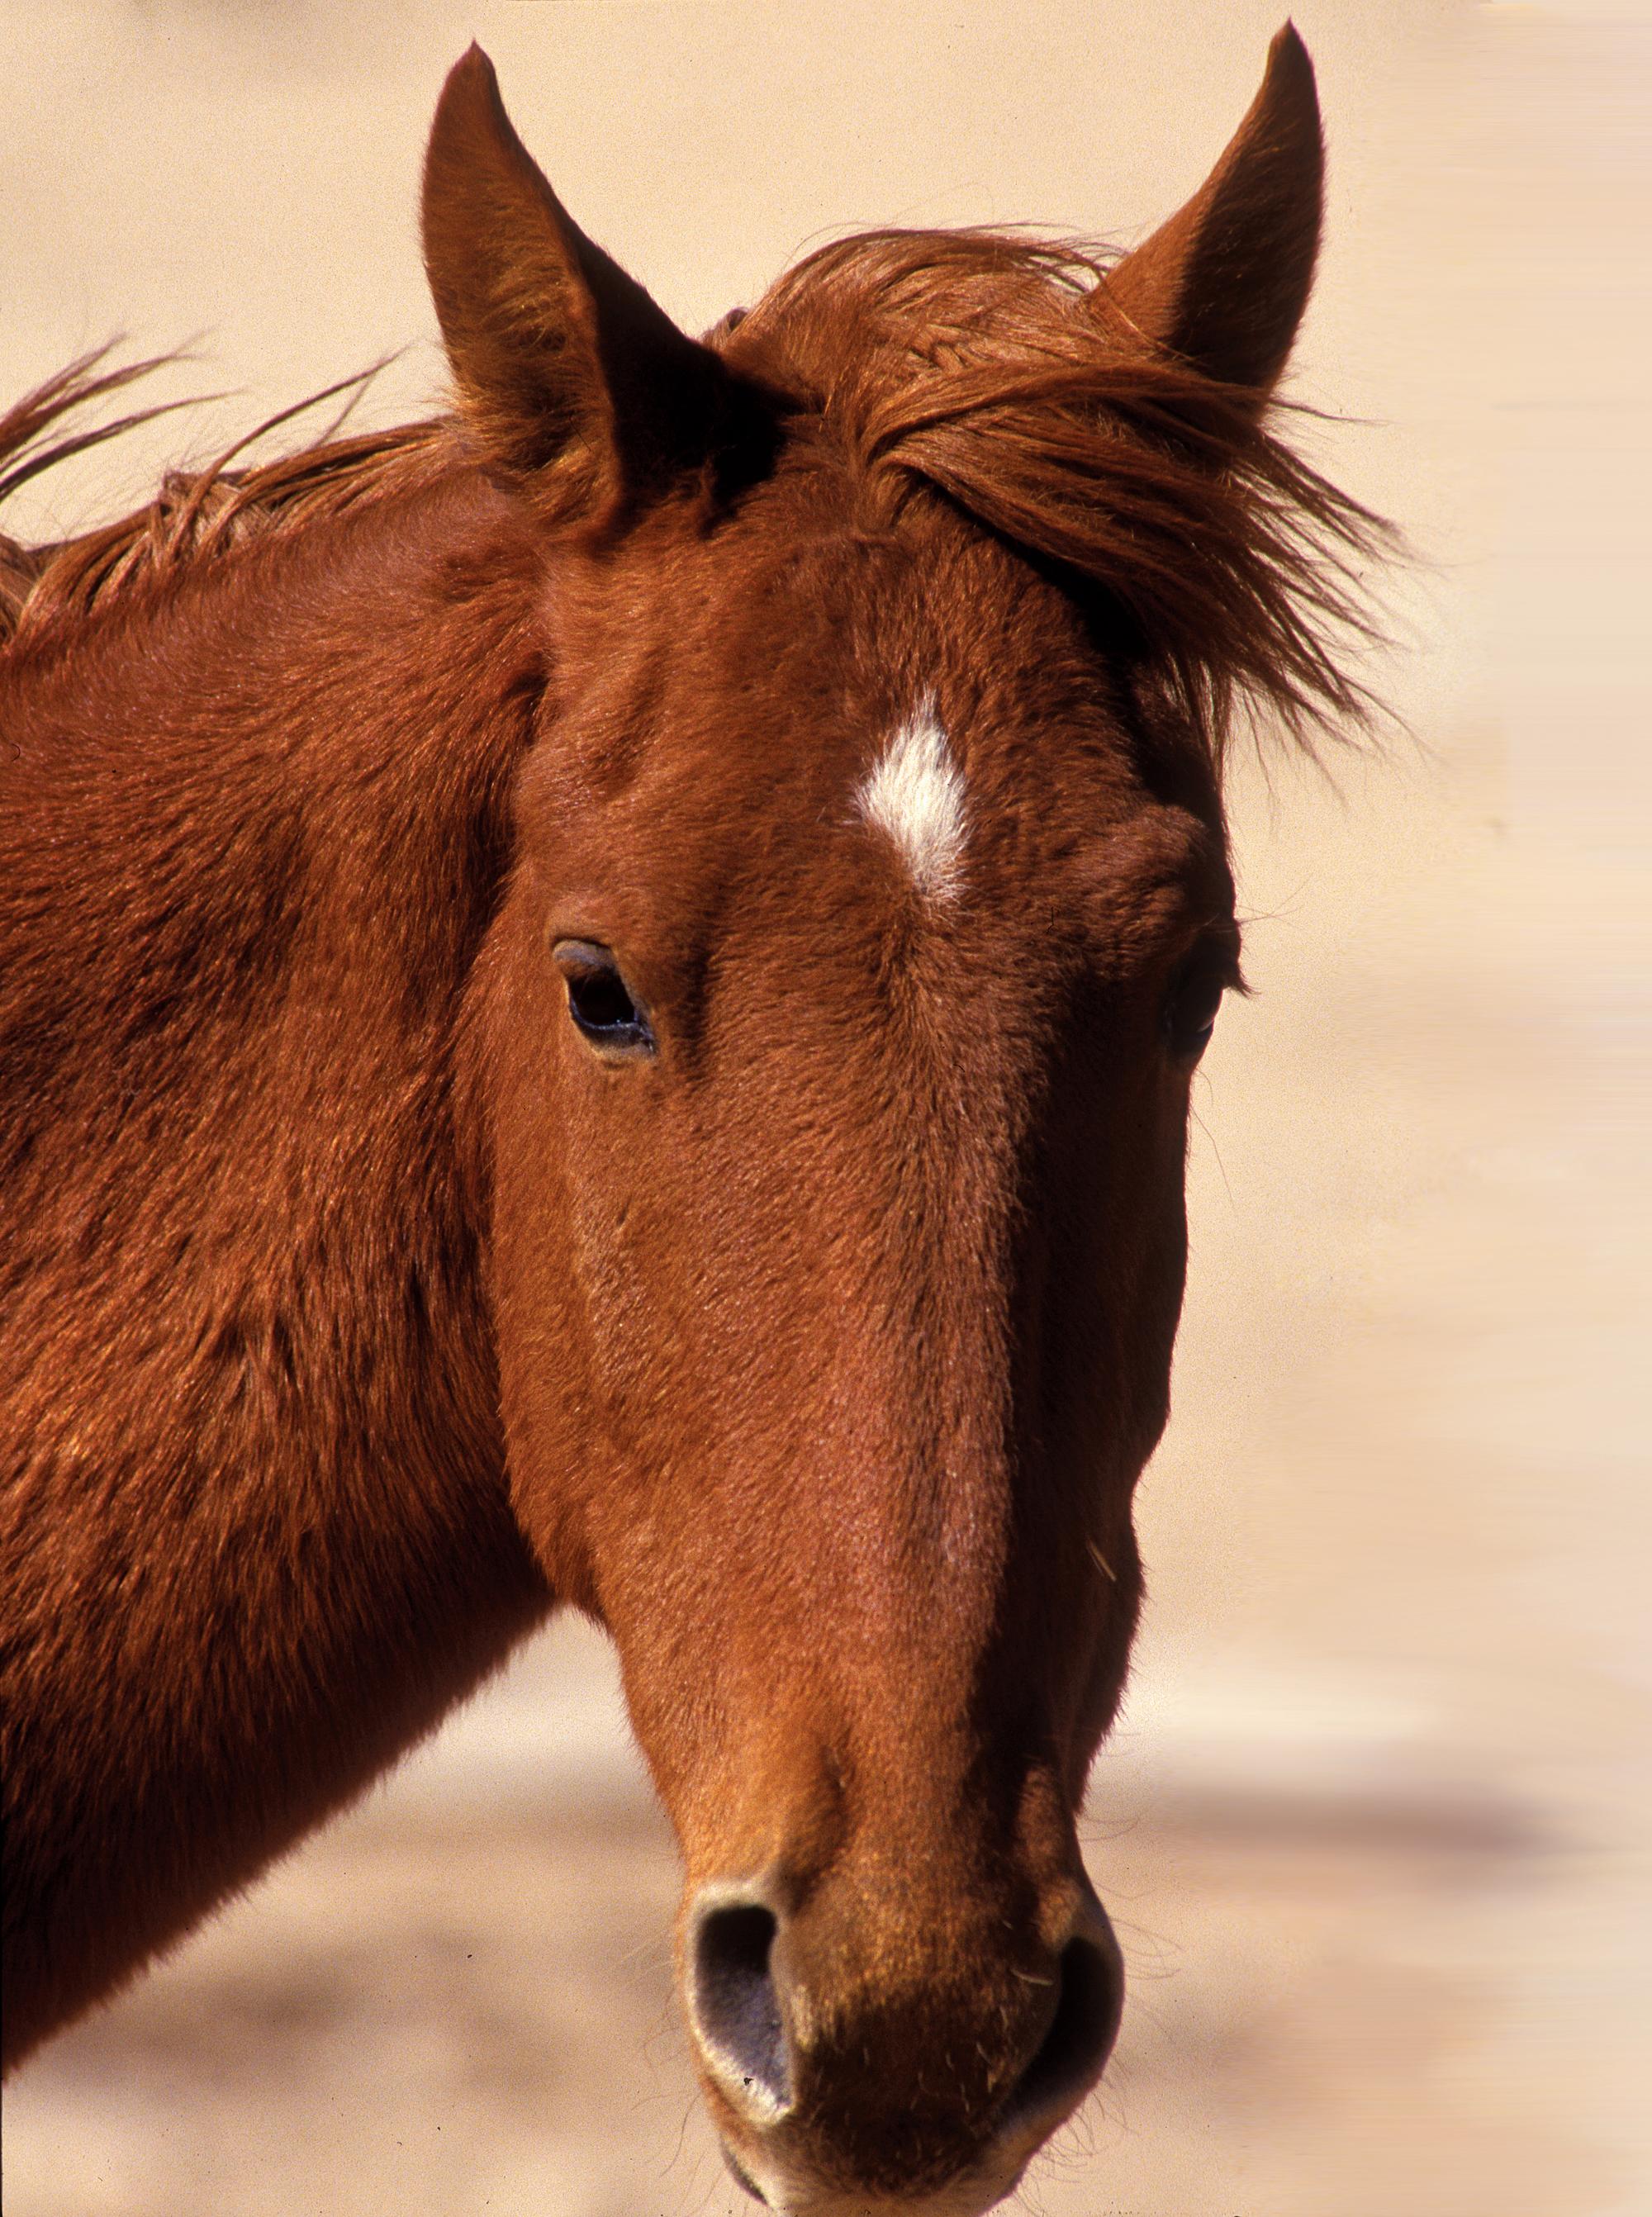 horse-1-pvs-extra